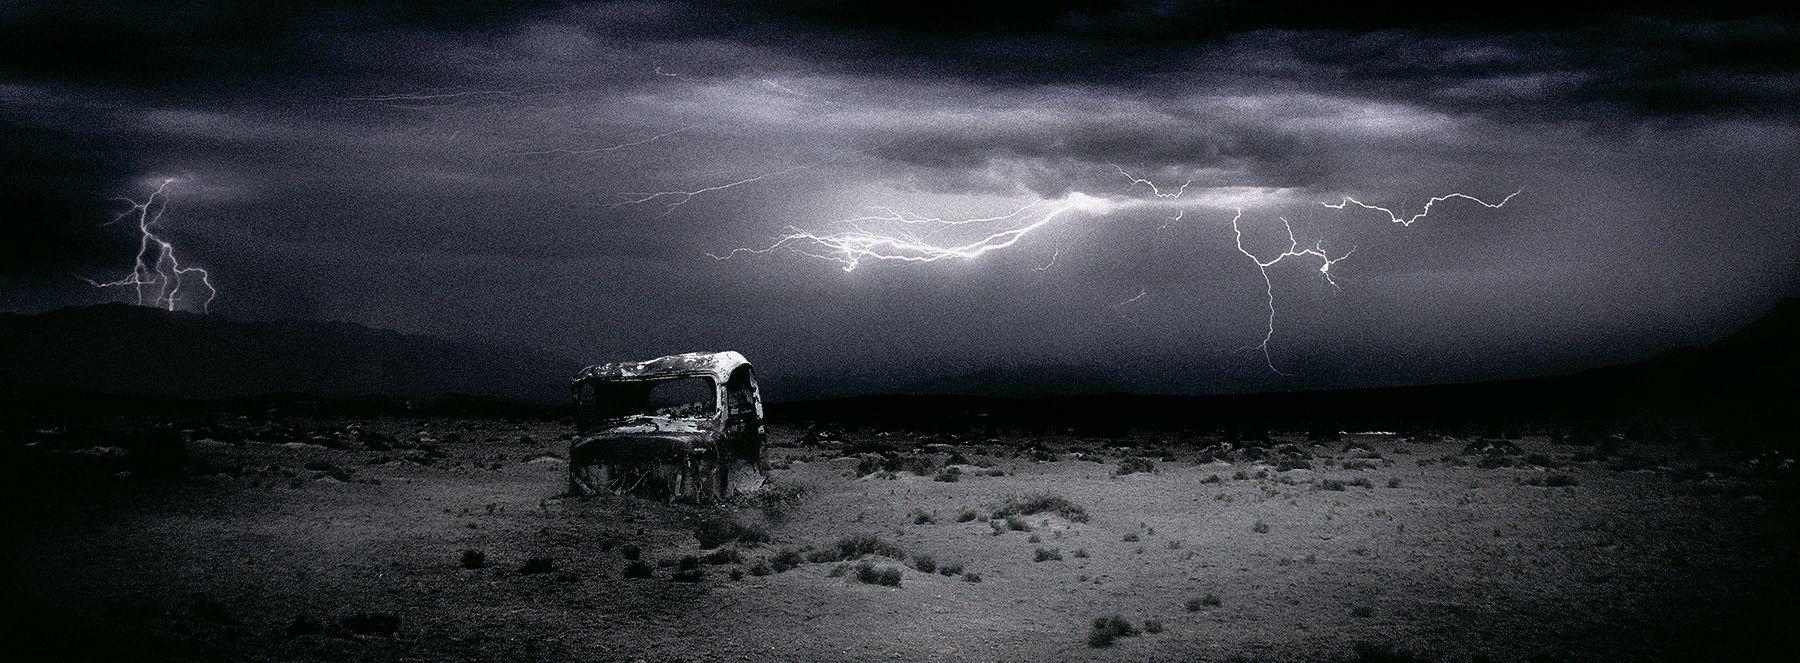 DESERT TRUCK.jpg